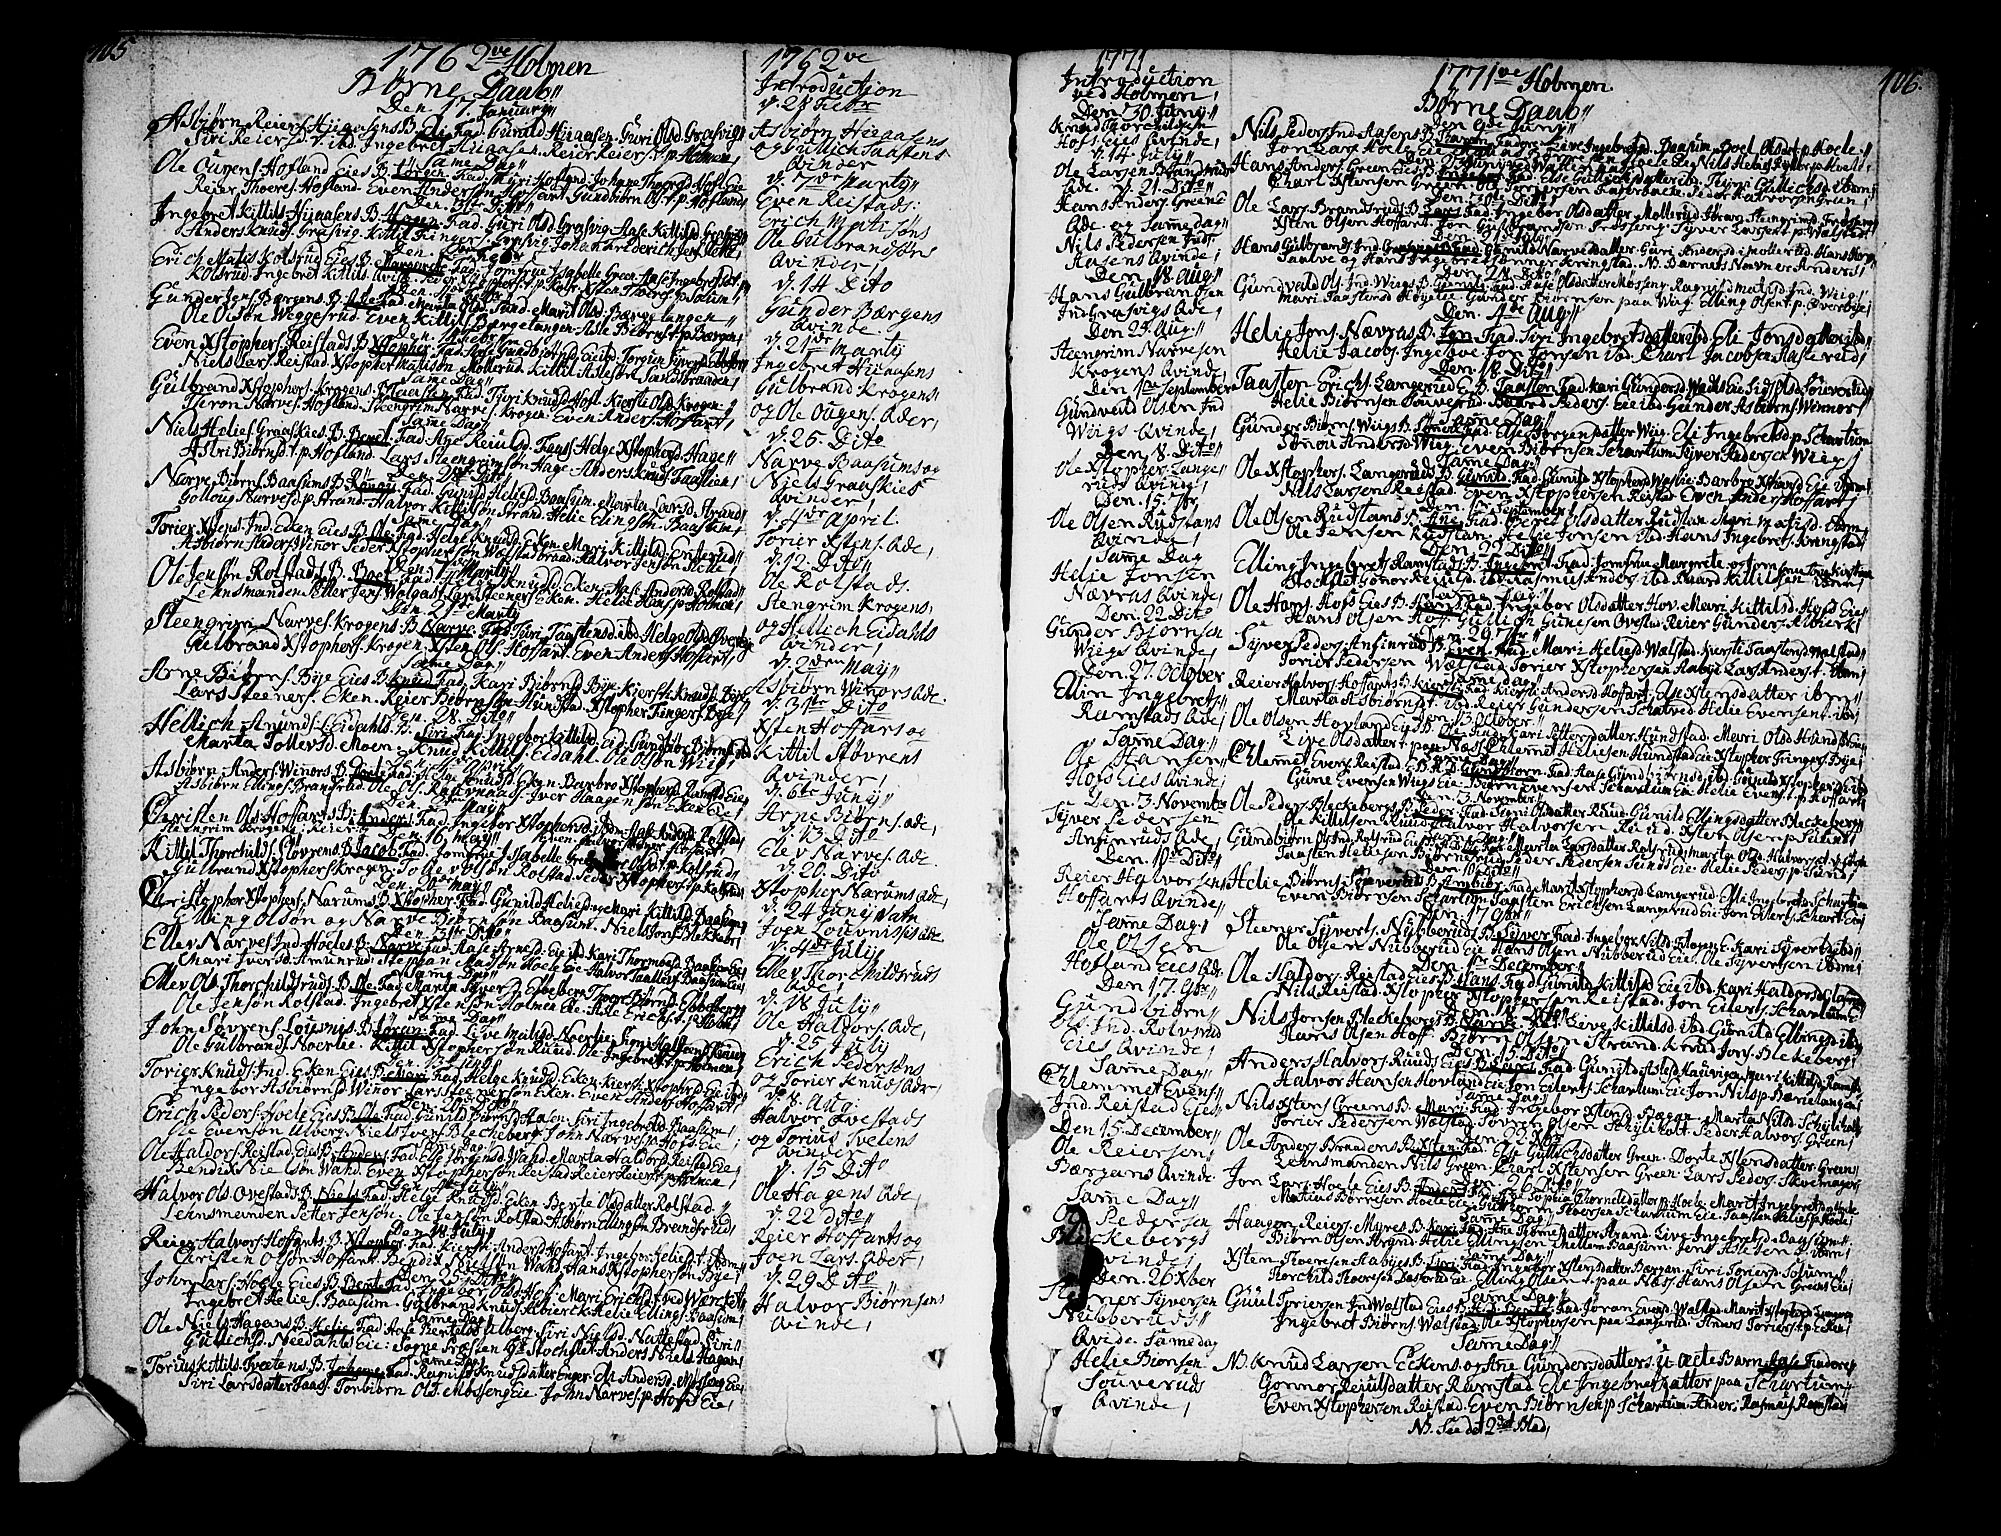 SAKO, Sigdal kirkebøker, F/Fa/L0001: Ministerialbok nr. I 1, 1722-1777, s. 105-106